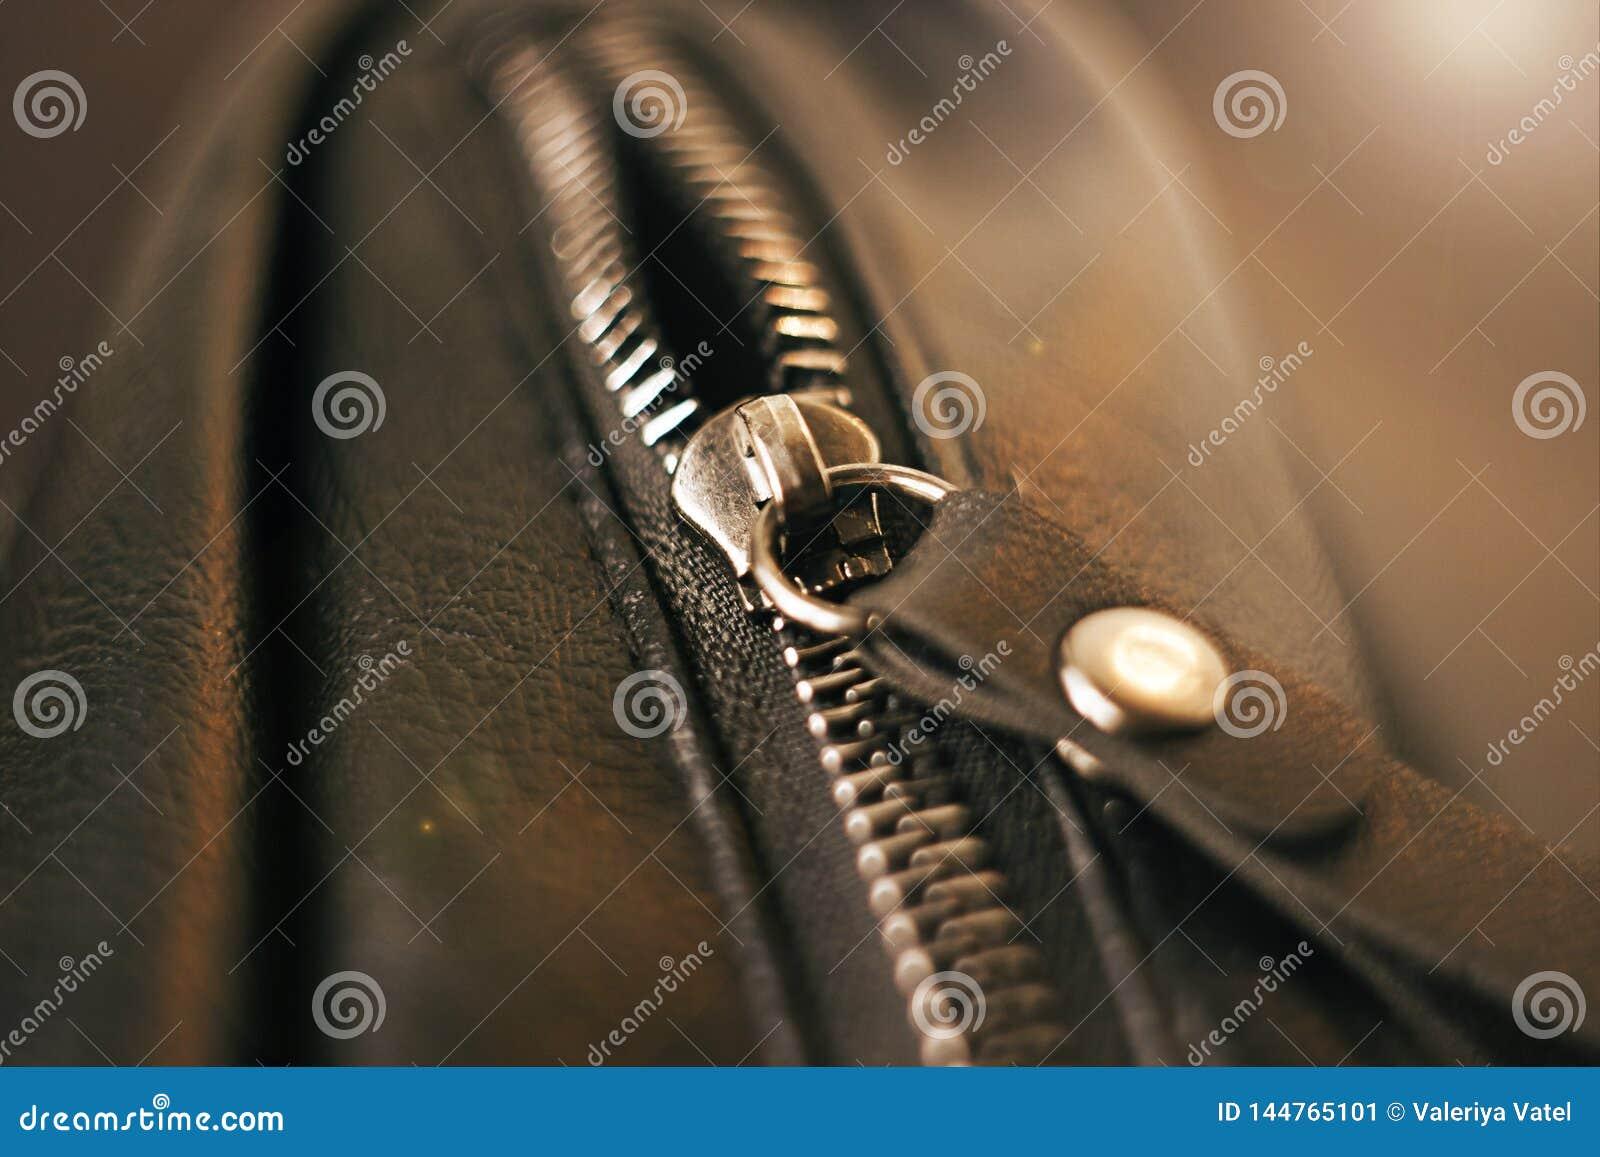 Metalu suwaczek na czarnej rzemiennej torbie